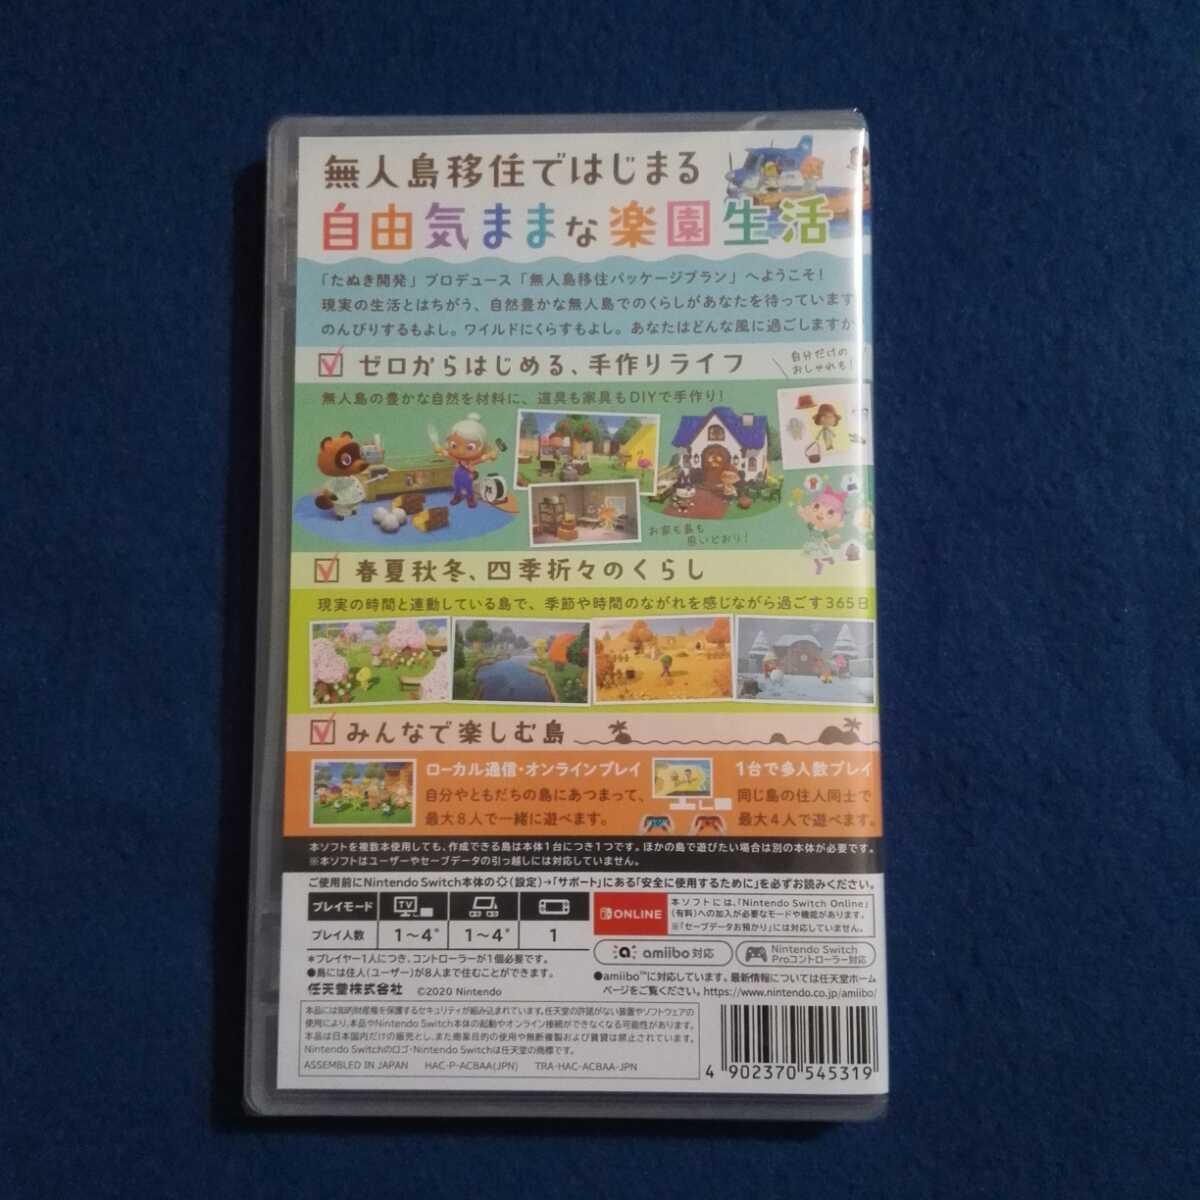 ★任天堂 Nintendo あつまれ どうぶつの森 マリオカート 8 デラックス セット 新品未開封★税不要送料込み★